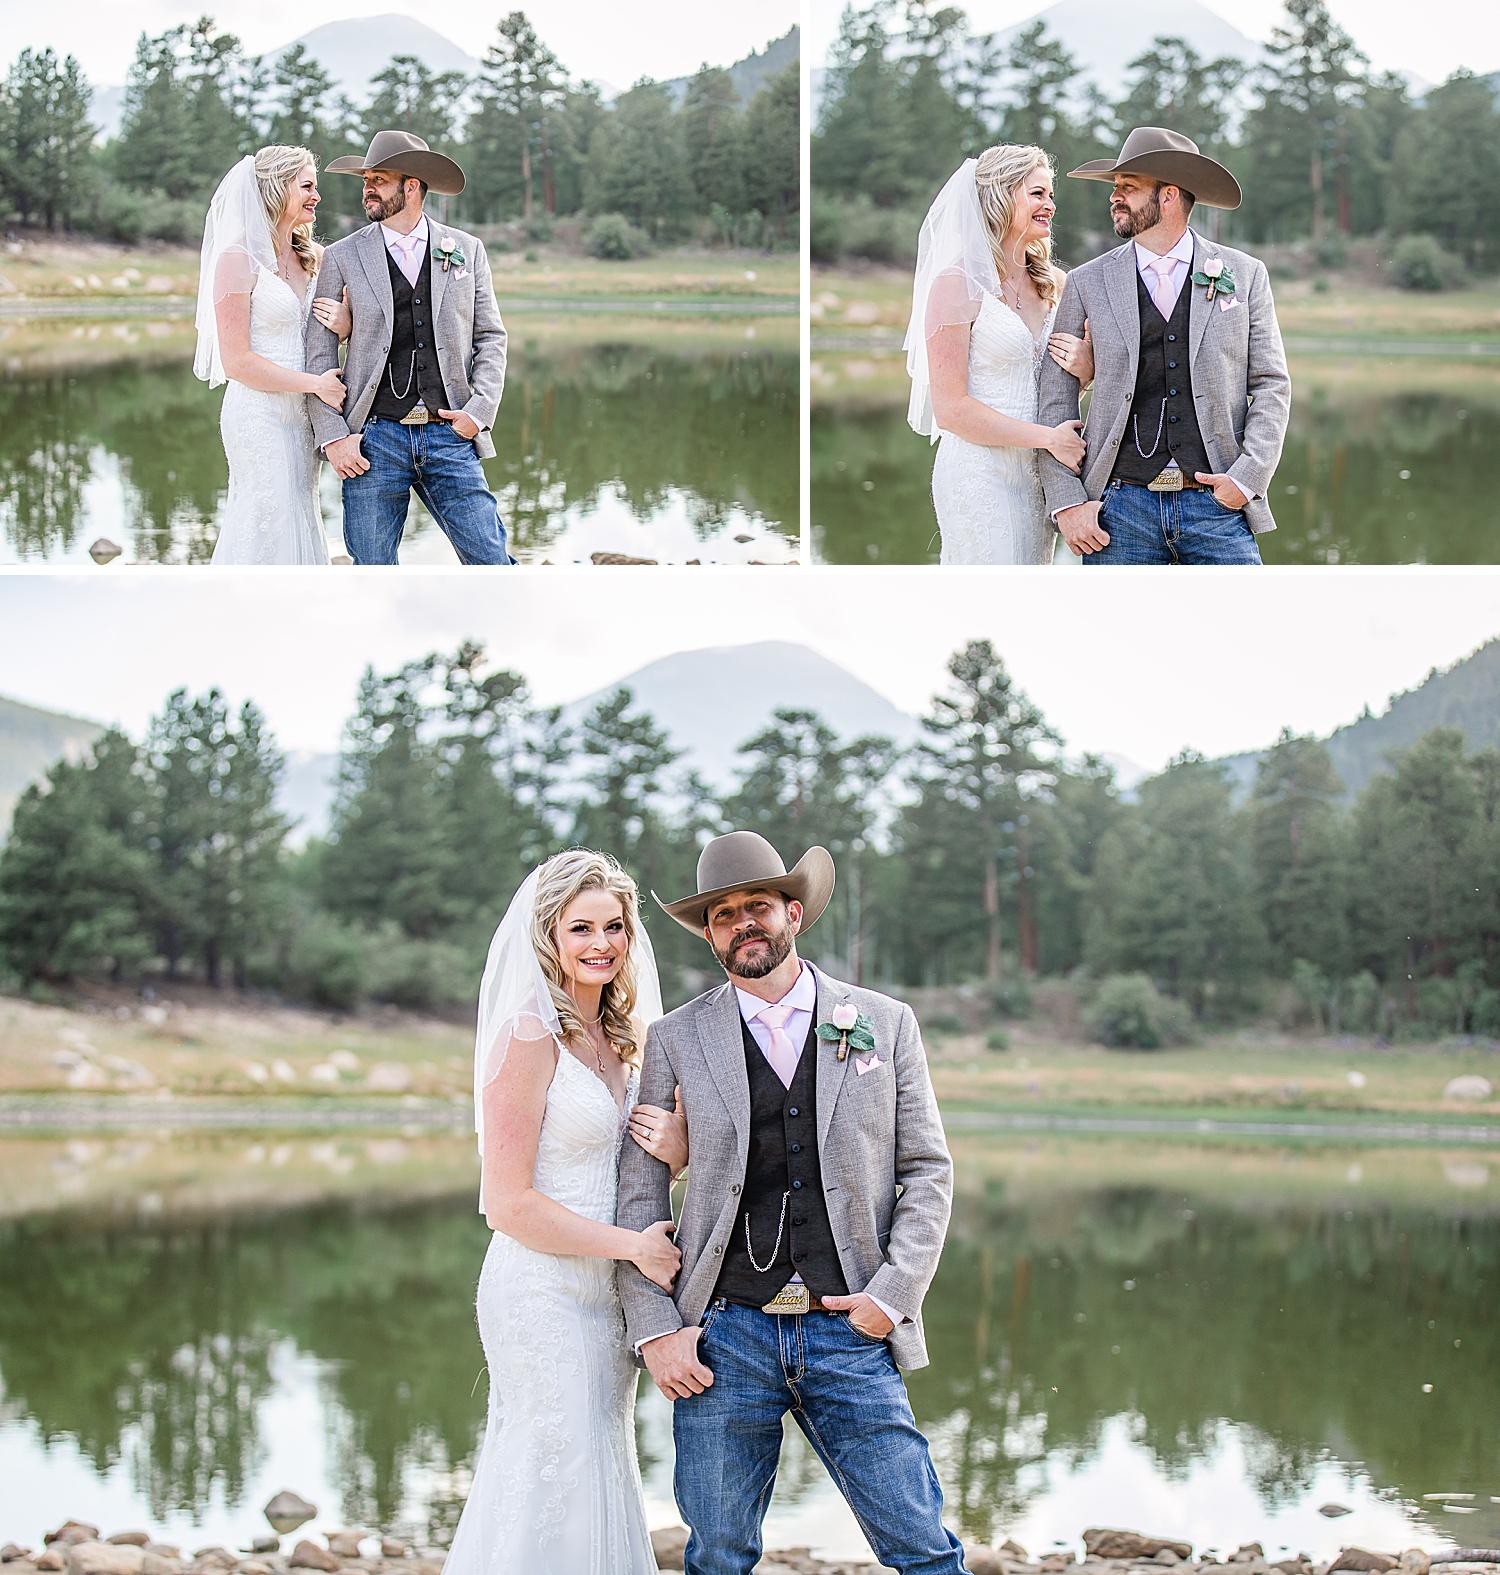 Carly-Barton-Photography-Rocky-Mountain-National-Park-Estes-Park-Wedding-Elopement_0038.jpg